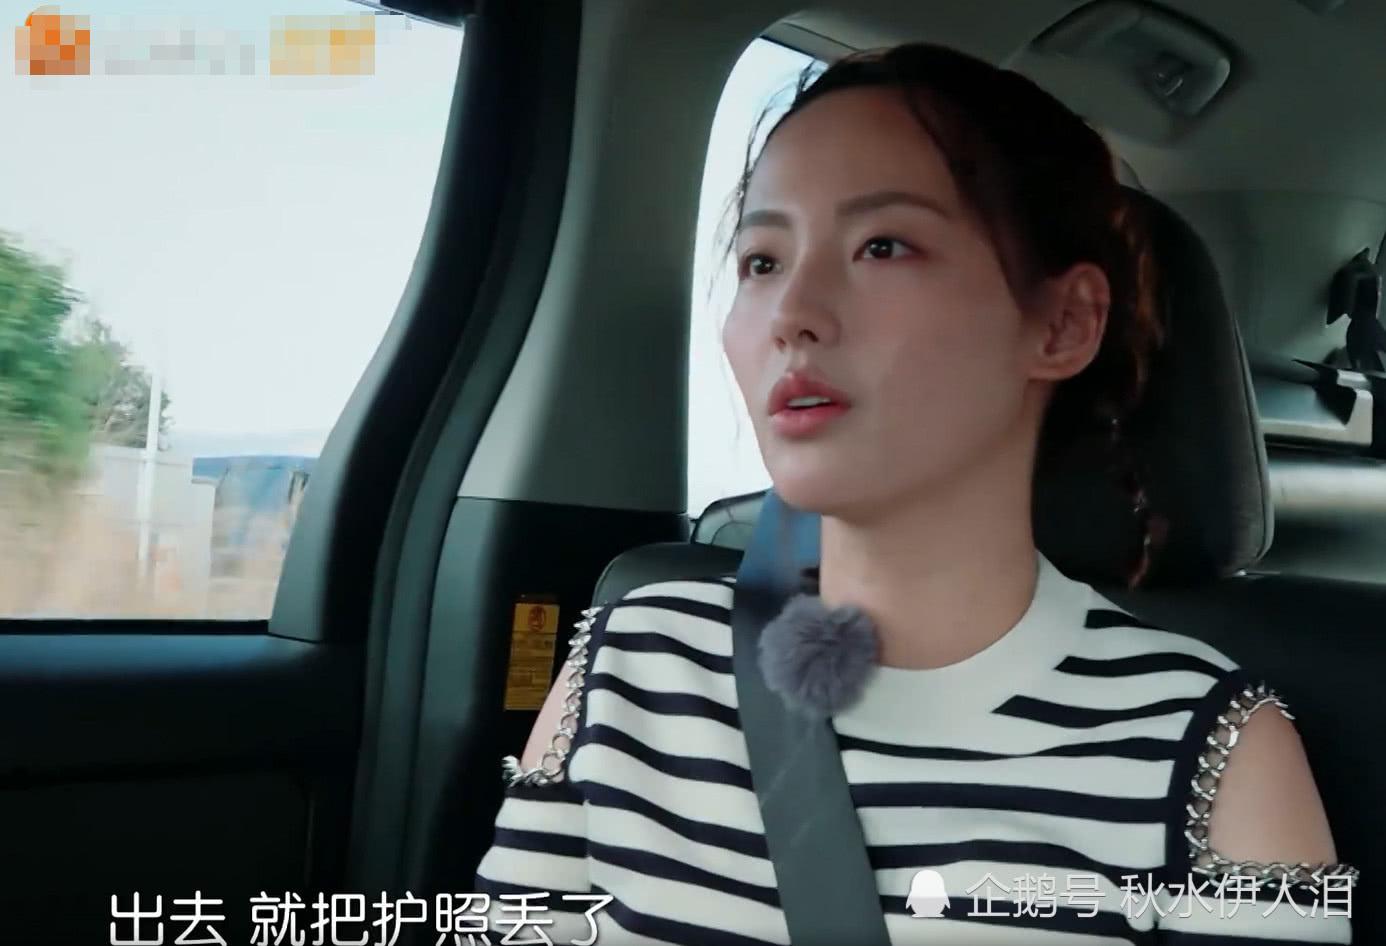 妻子的浪漫旅行2张嘉倪缺席原因是什么?因丢失护照向节目组道歉